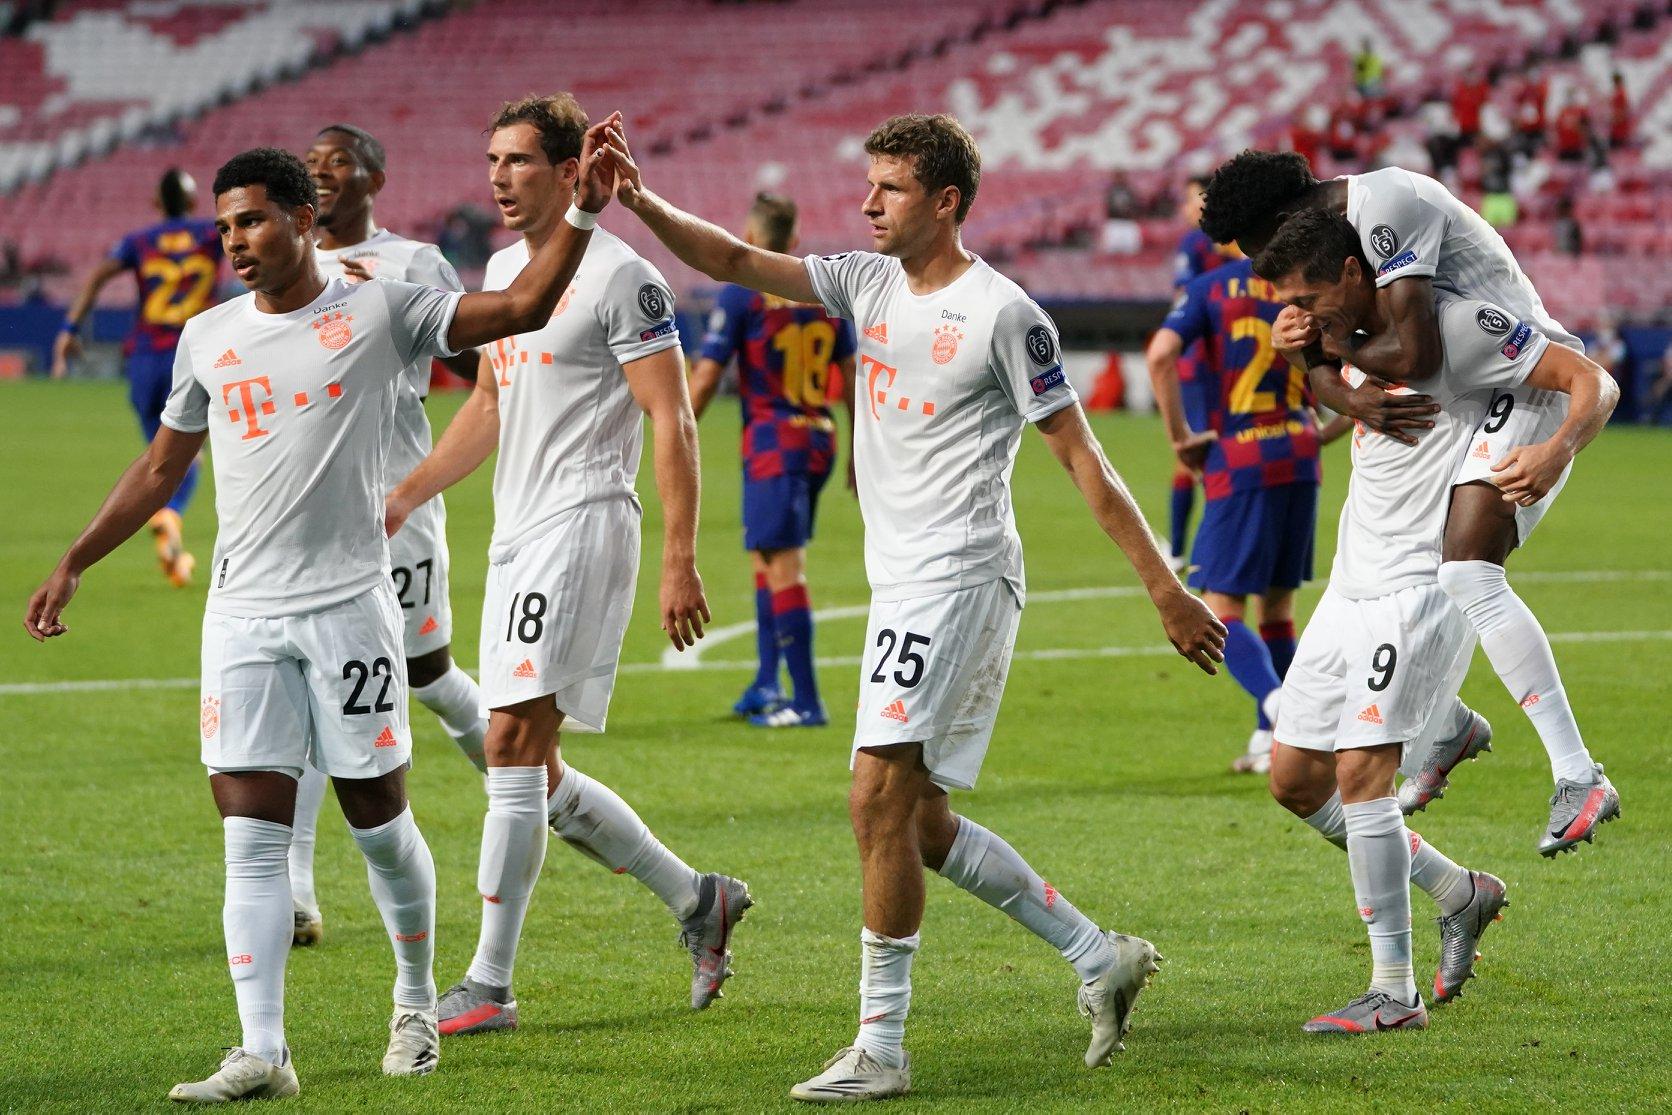 """¡Ocho fueron suficientes! Bayern aplastó, eliminó y redujo a la mínima expresión al """"todopoderoso"""" Barcelona."""